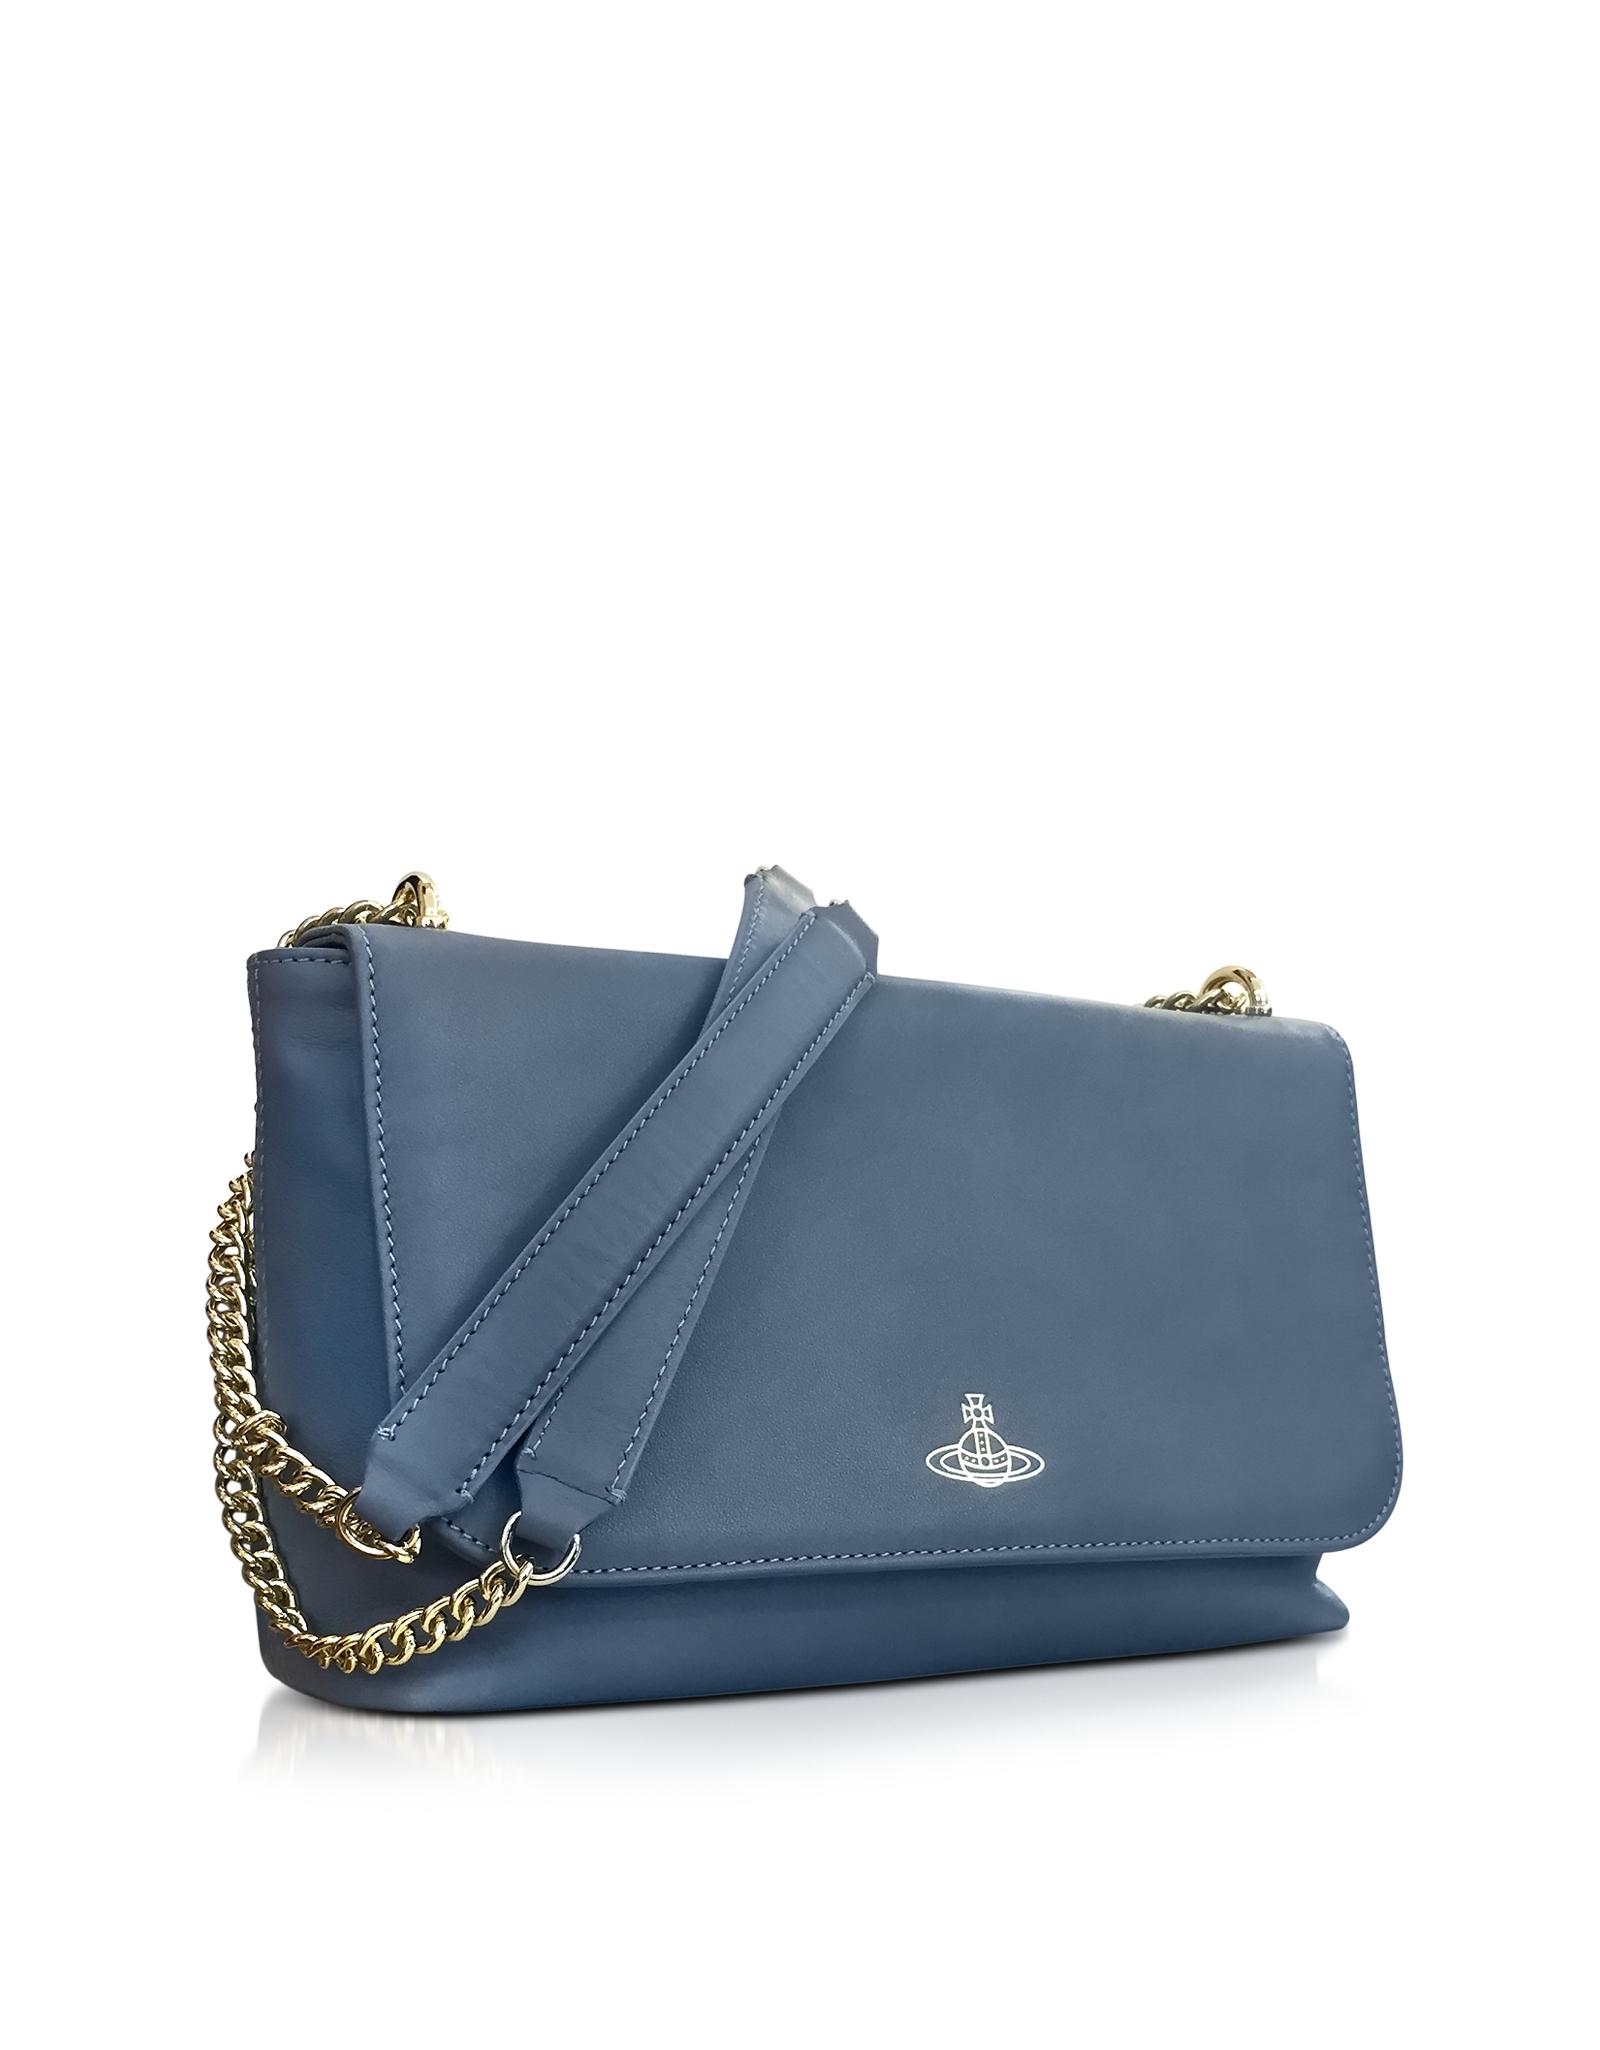 157d552ad8b2 Lyst - Vivienne Westwood Spencer Blue Leather Shoulder Bag in Blue